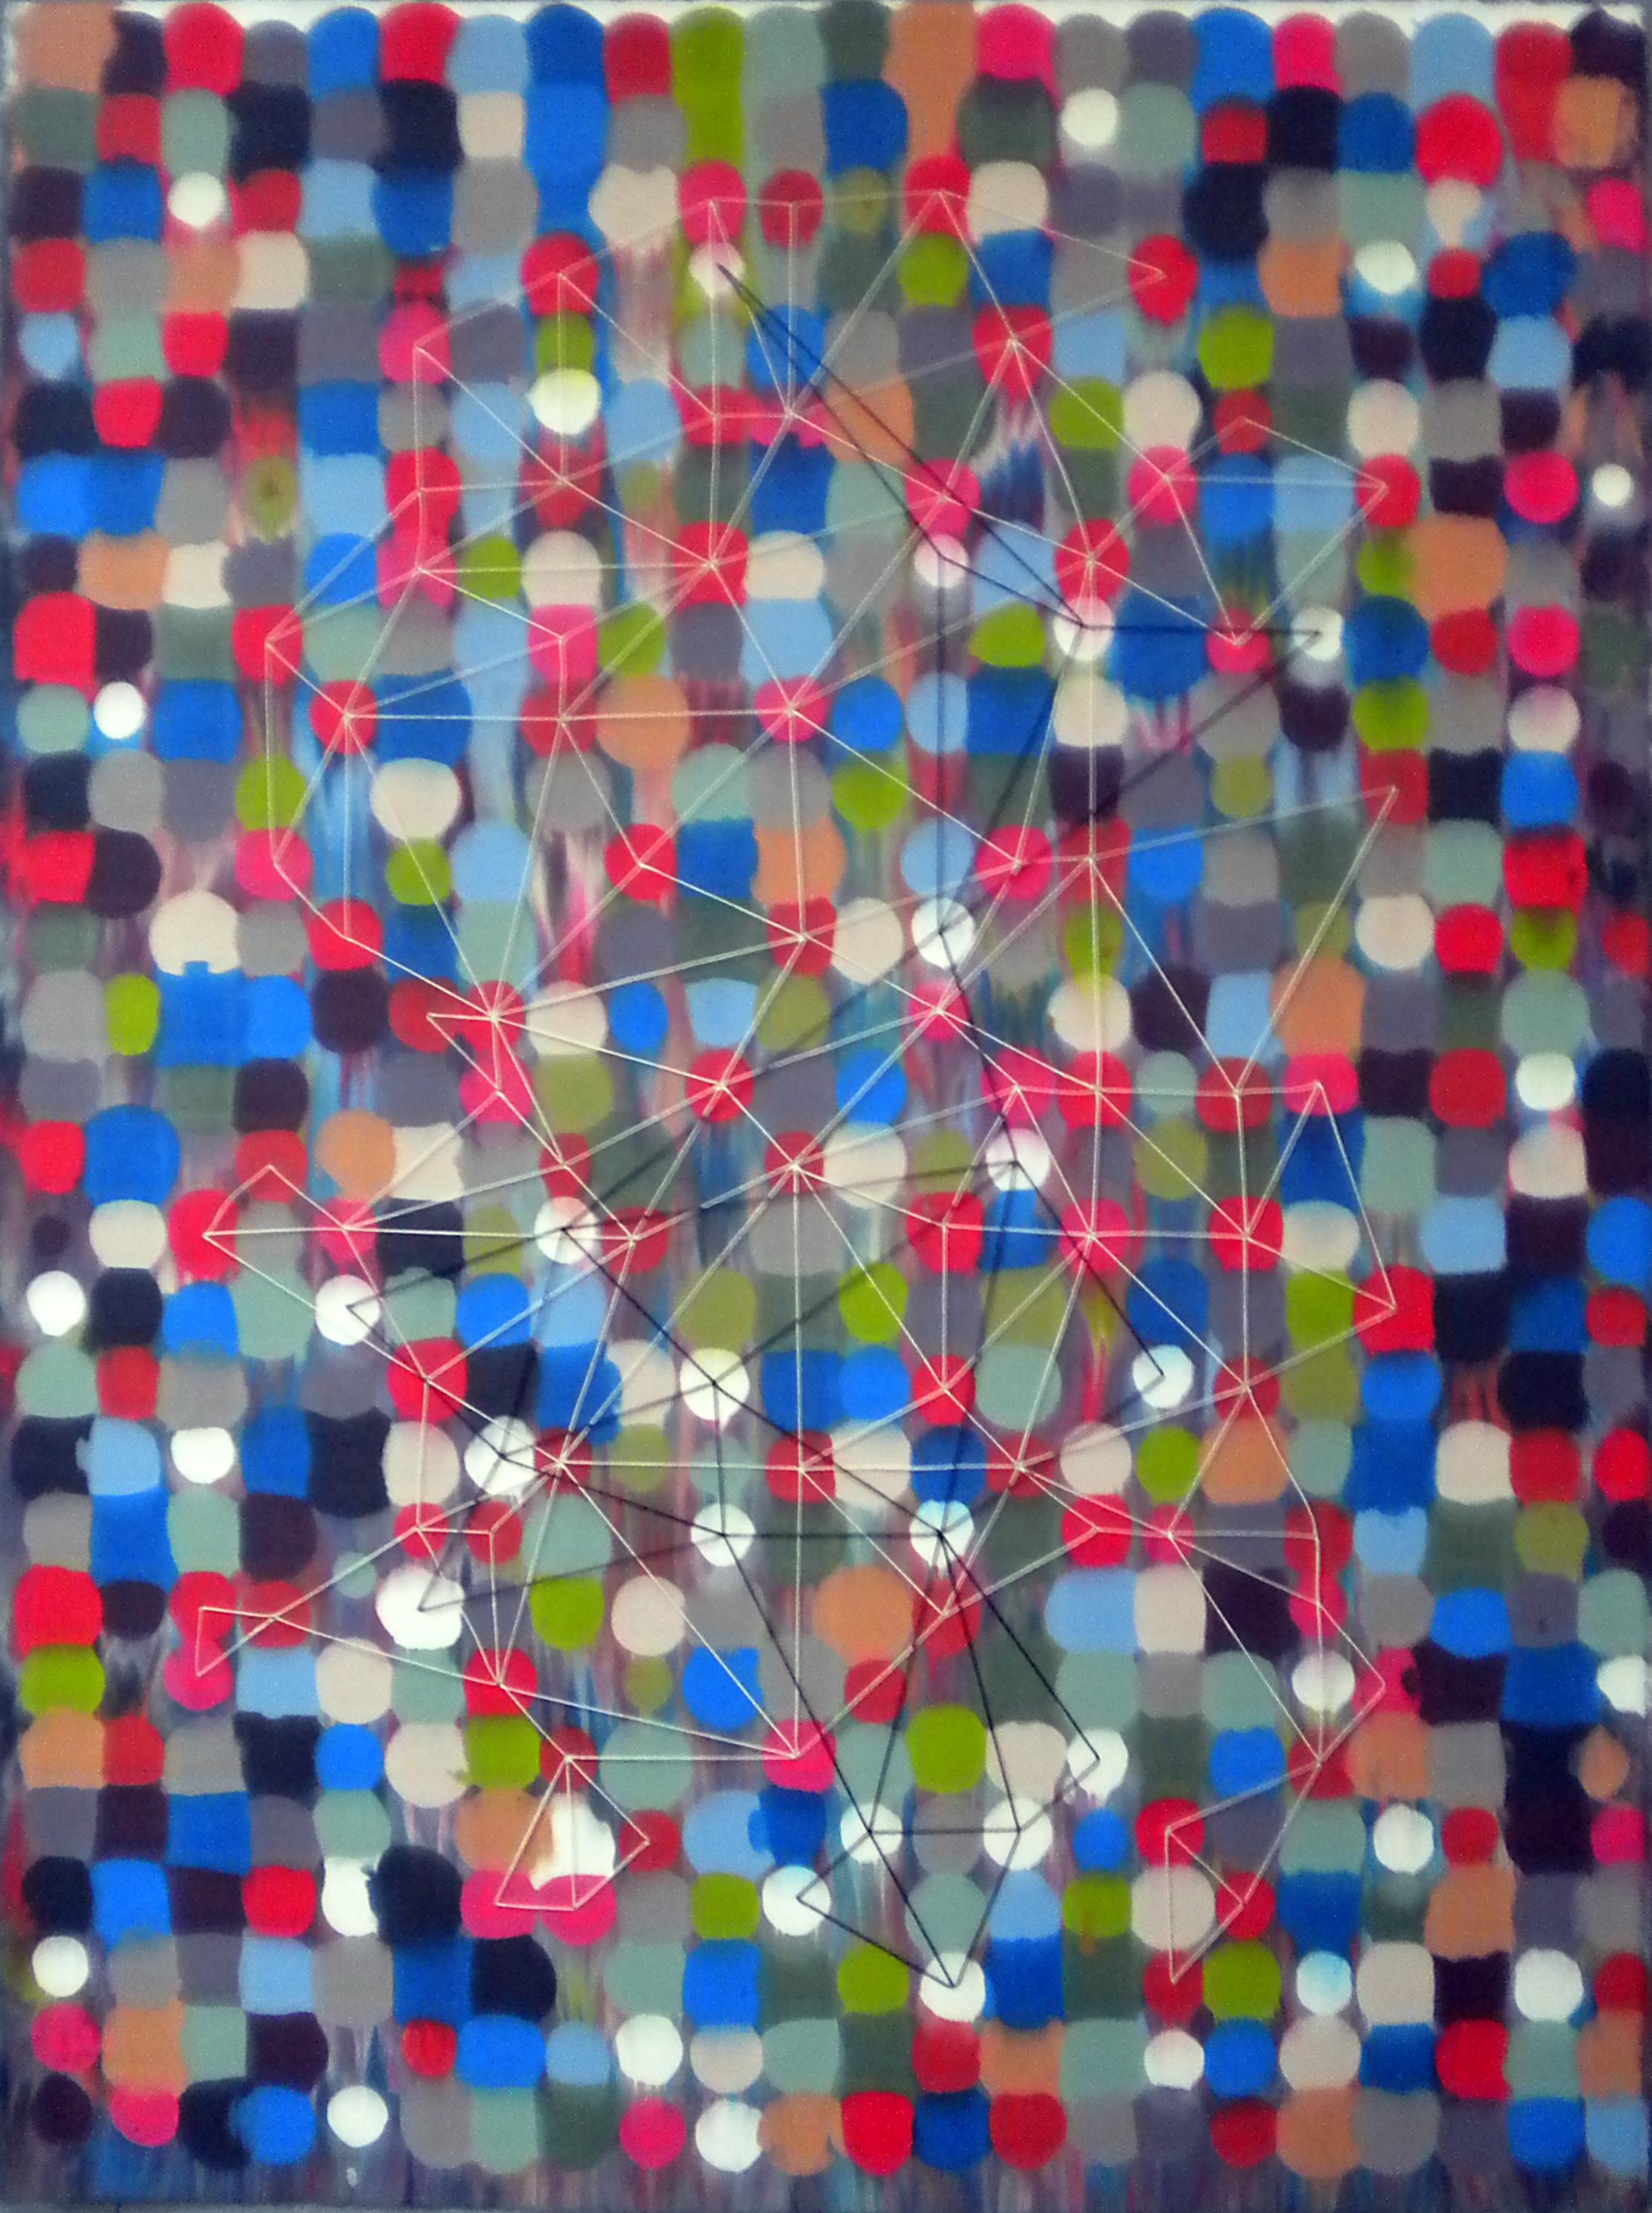 Pointarray, Series I, No. 23